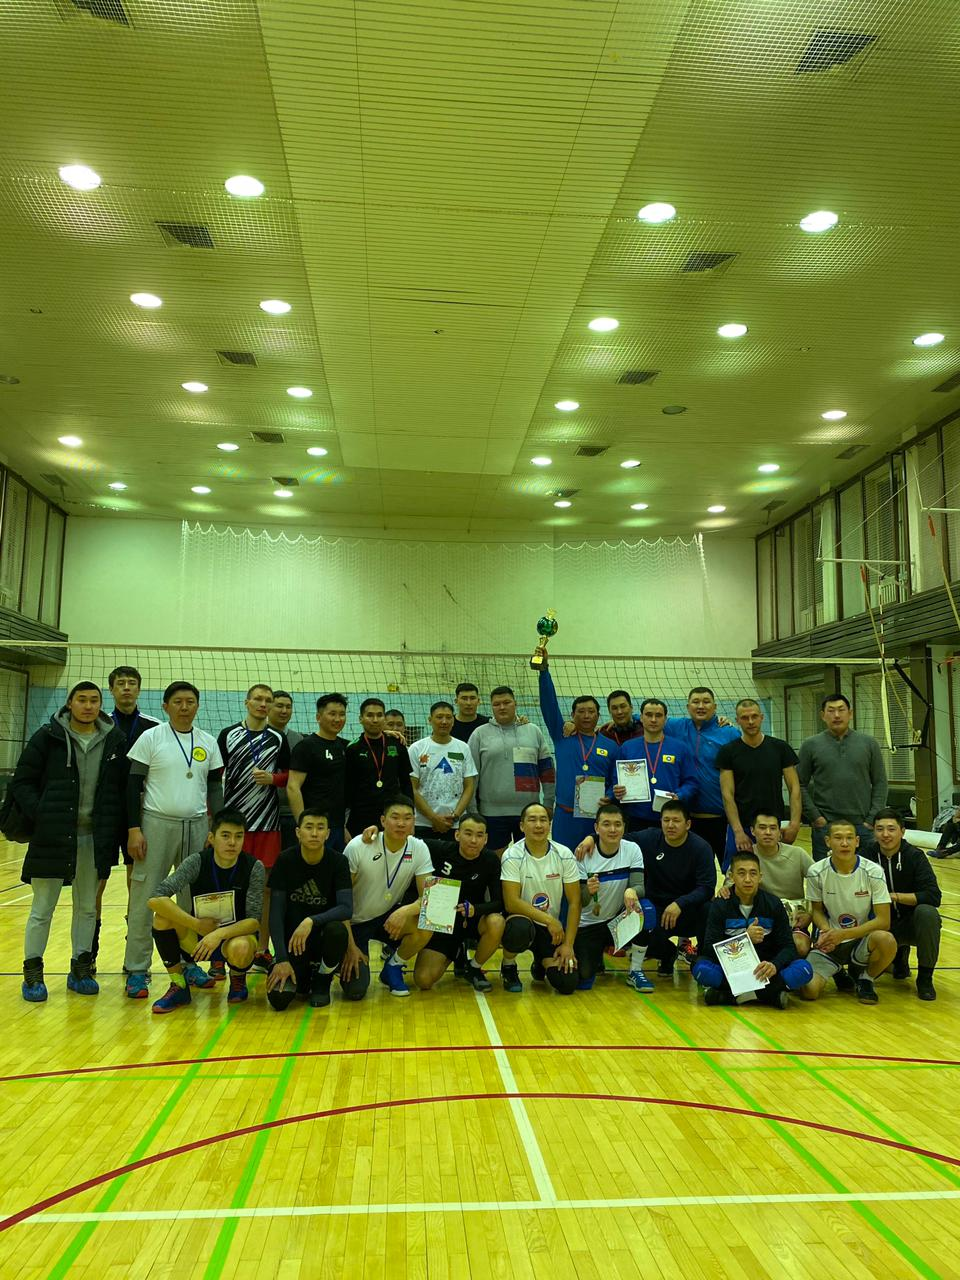 В Москве состоялся турнир по волейболу в честь праздника Белого месяца